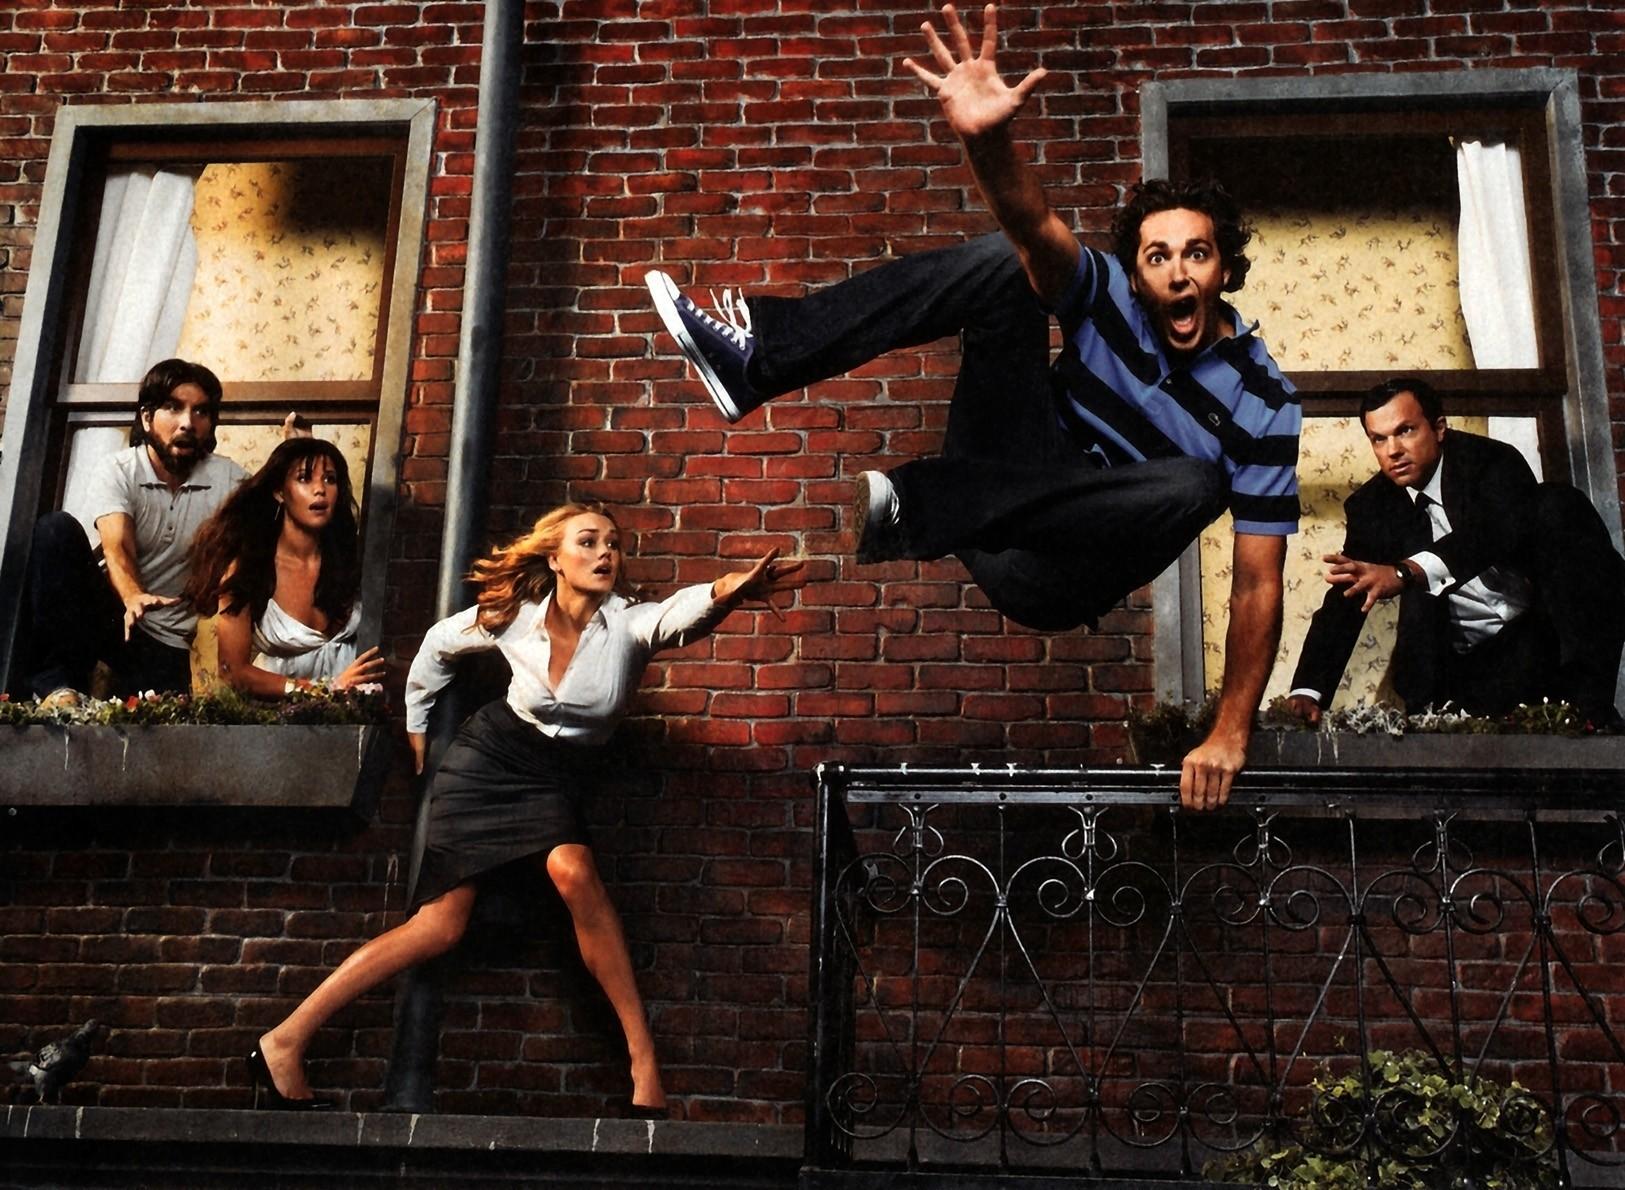 Un wallpaper di gruppo per la serie tv Chuck